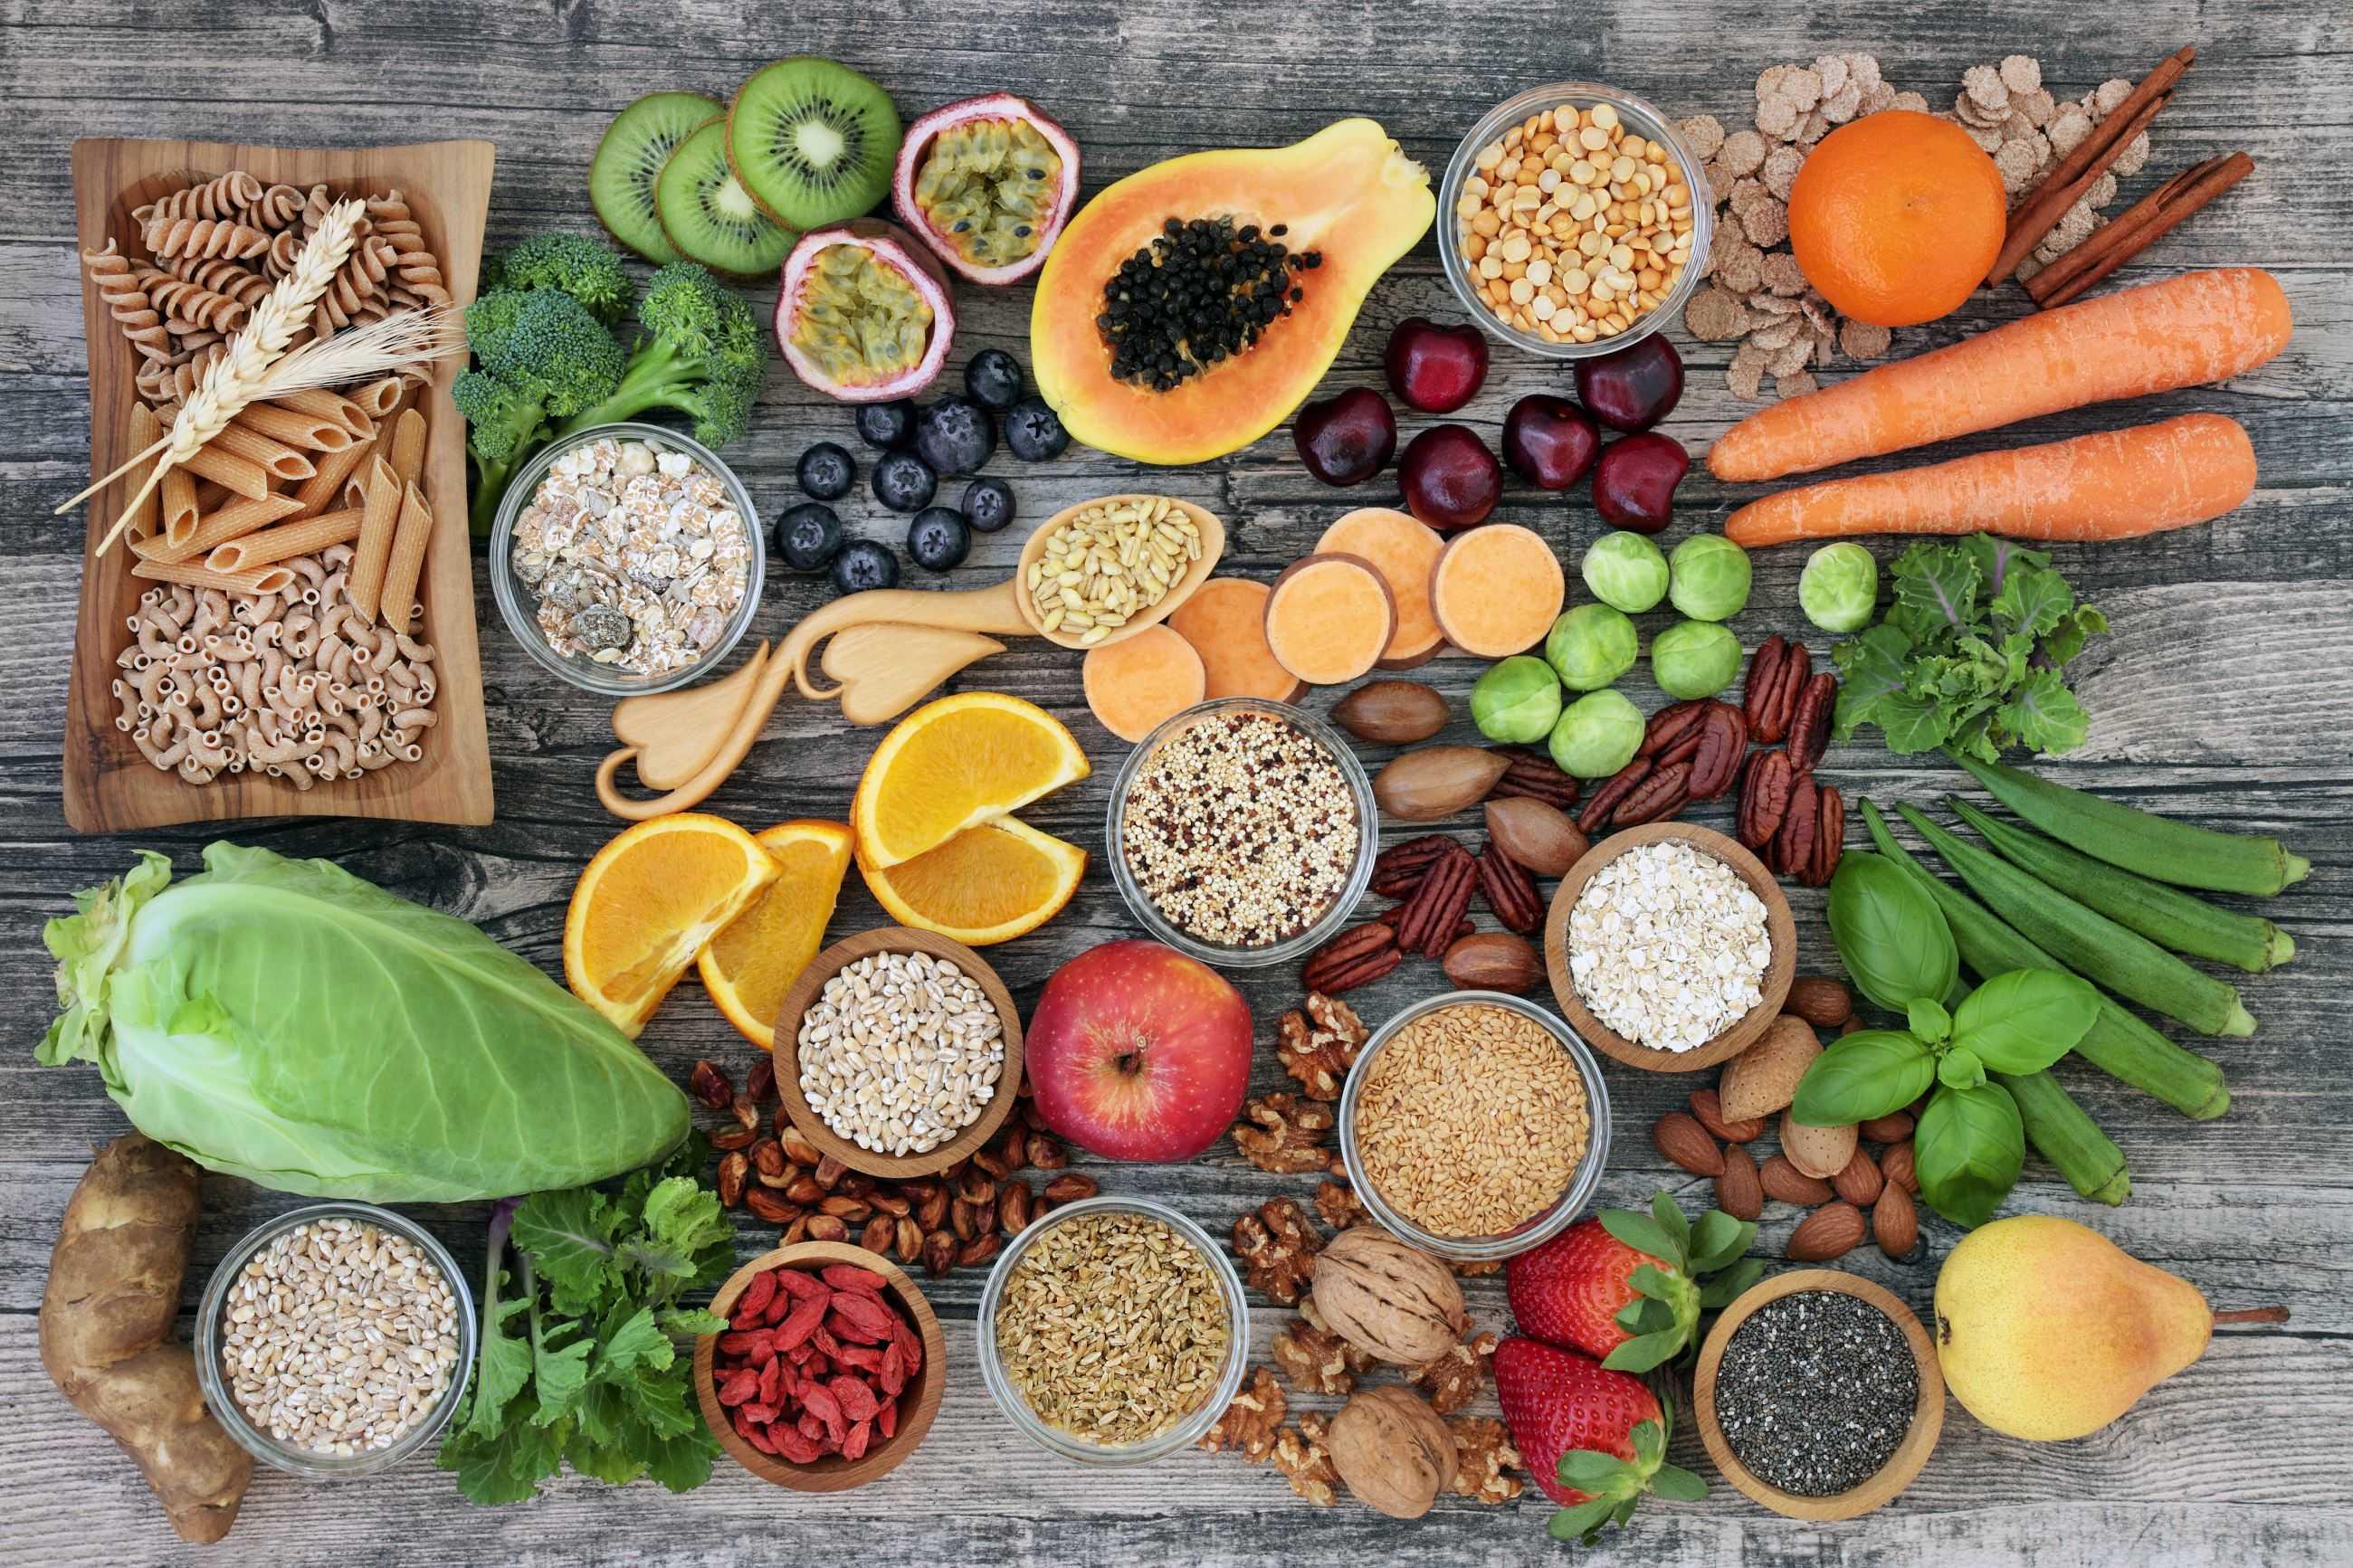 Πόσο πλούσια σε θρεπτικά συστατικά είναι η τροφή μας;